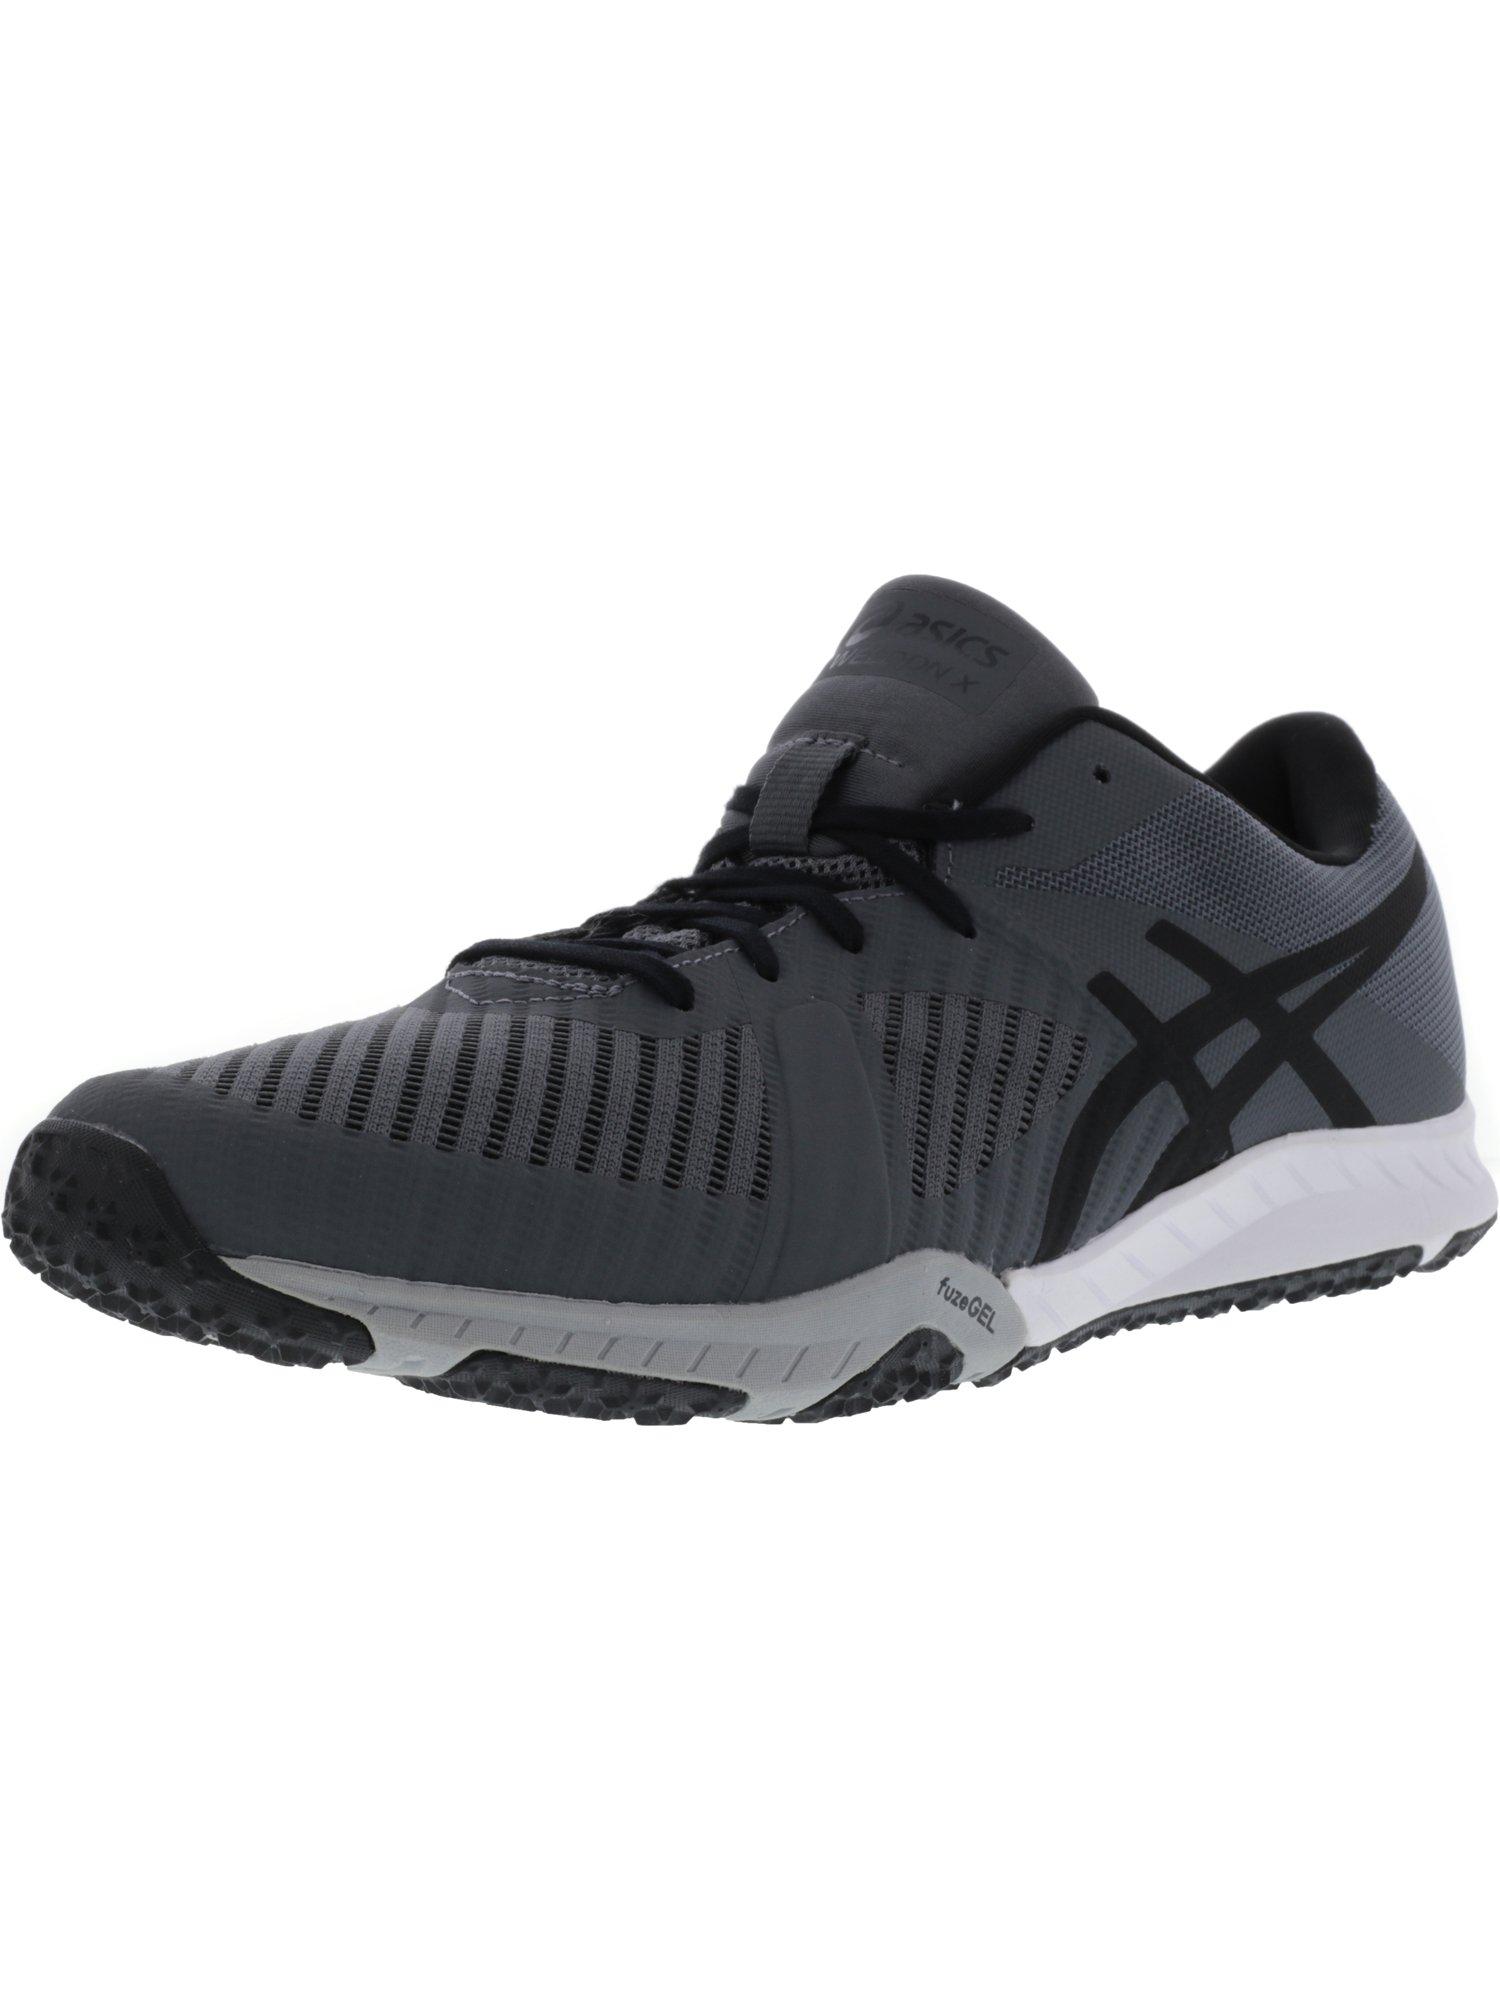 Asics Men's Weldon X Black / Carbon White Ankle-High Running Shoe - 10.5M